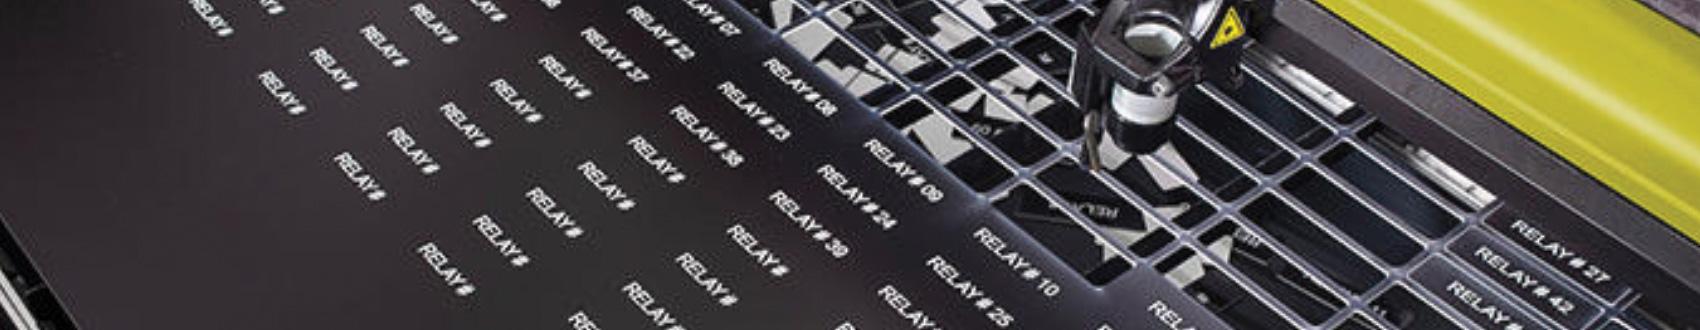 Banner Fertigungsverfahren Lasern